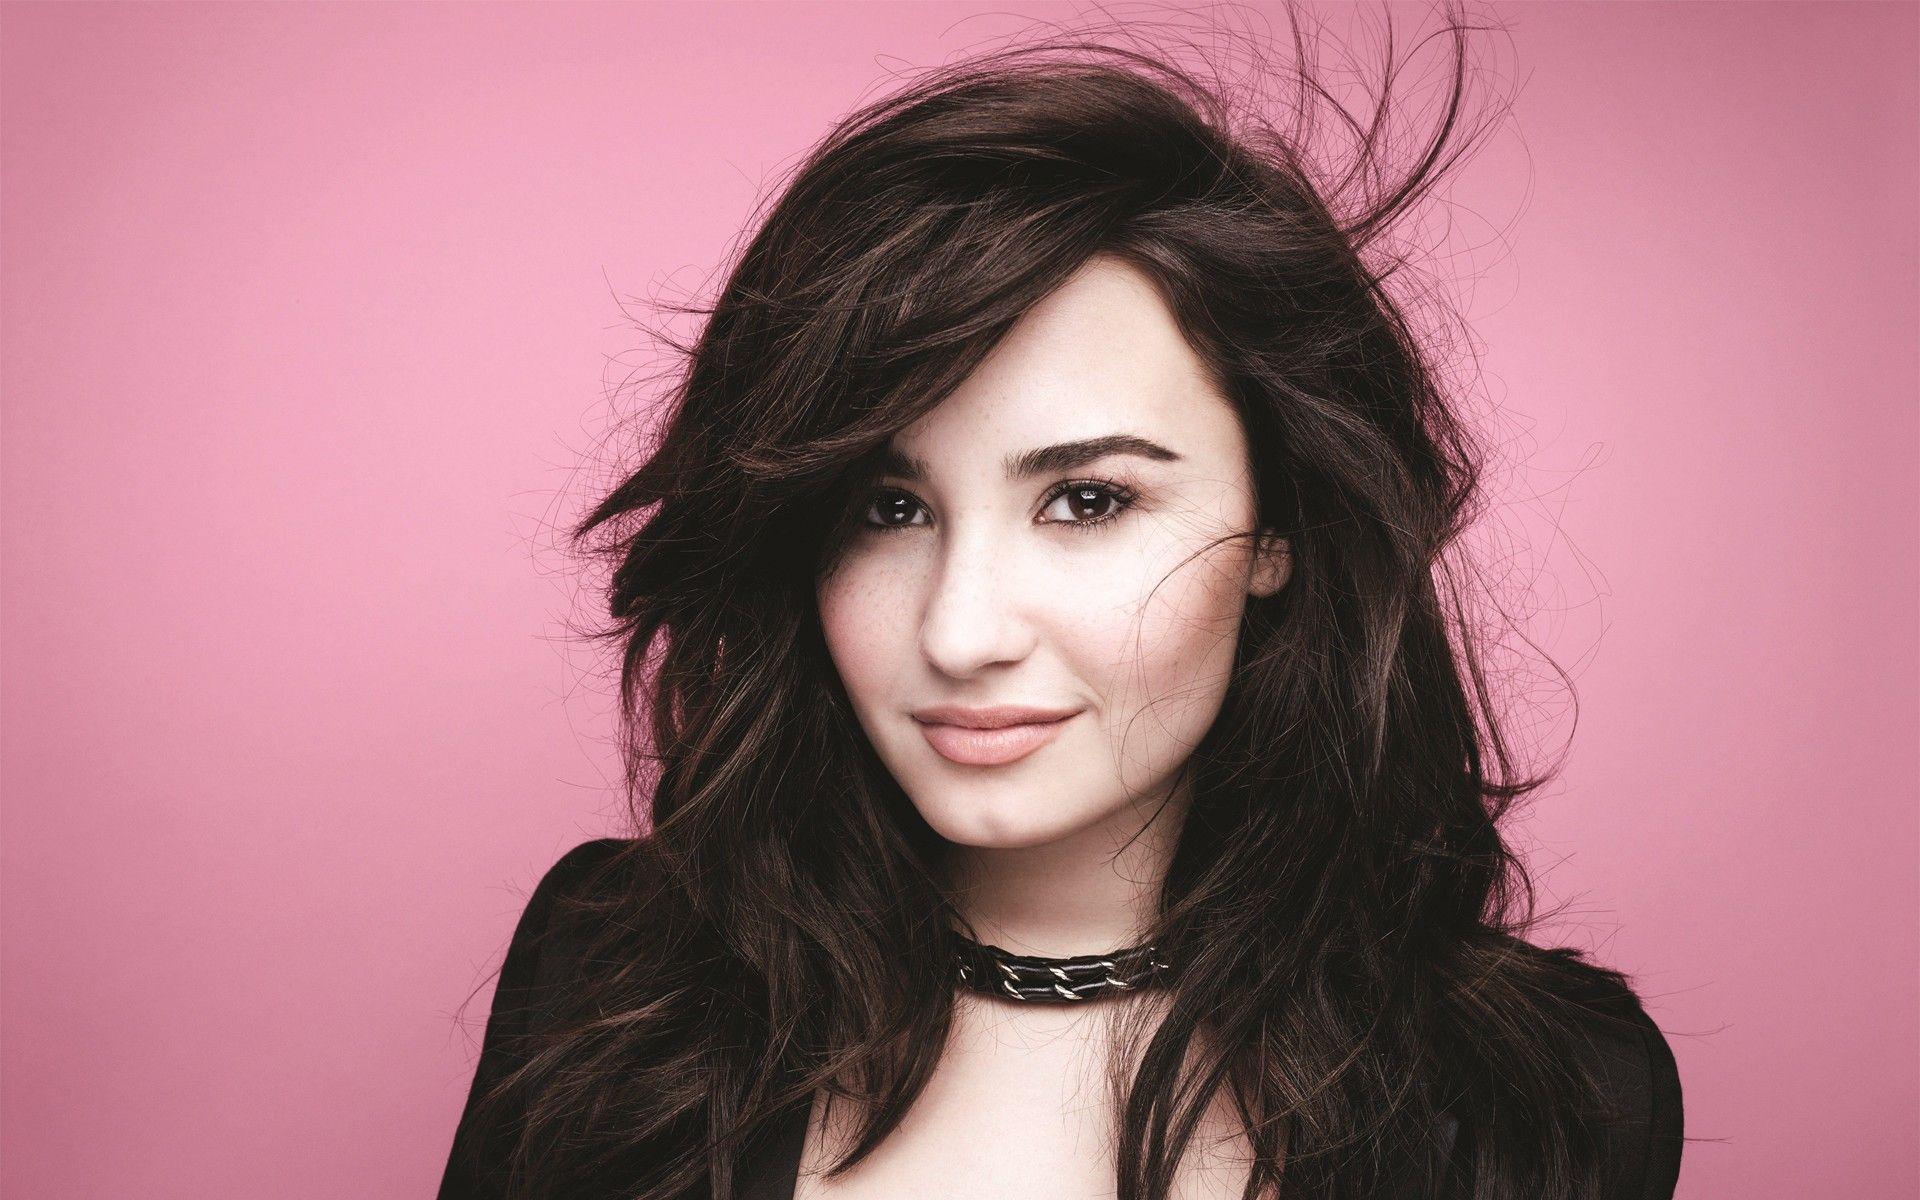 Demi Lovato Wallpaper Pictures   Wallpaper HD 1920x1200